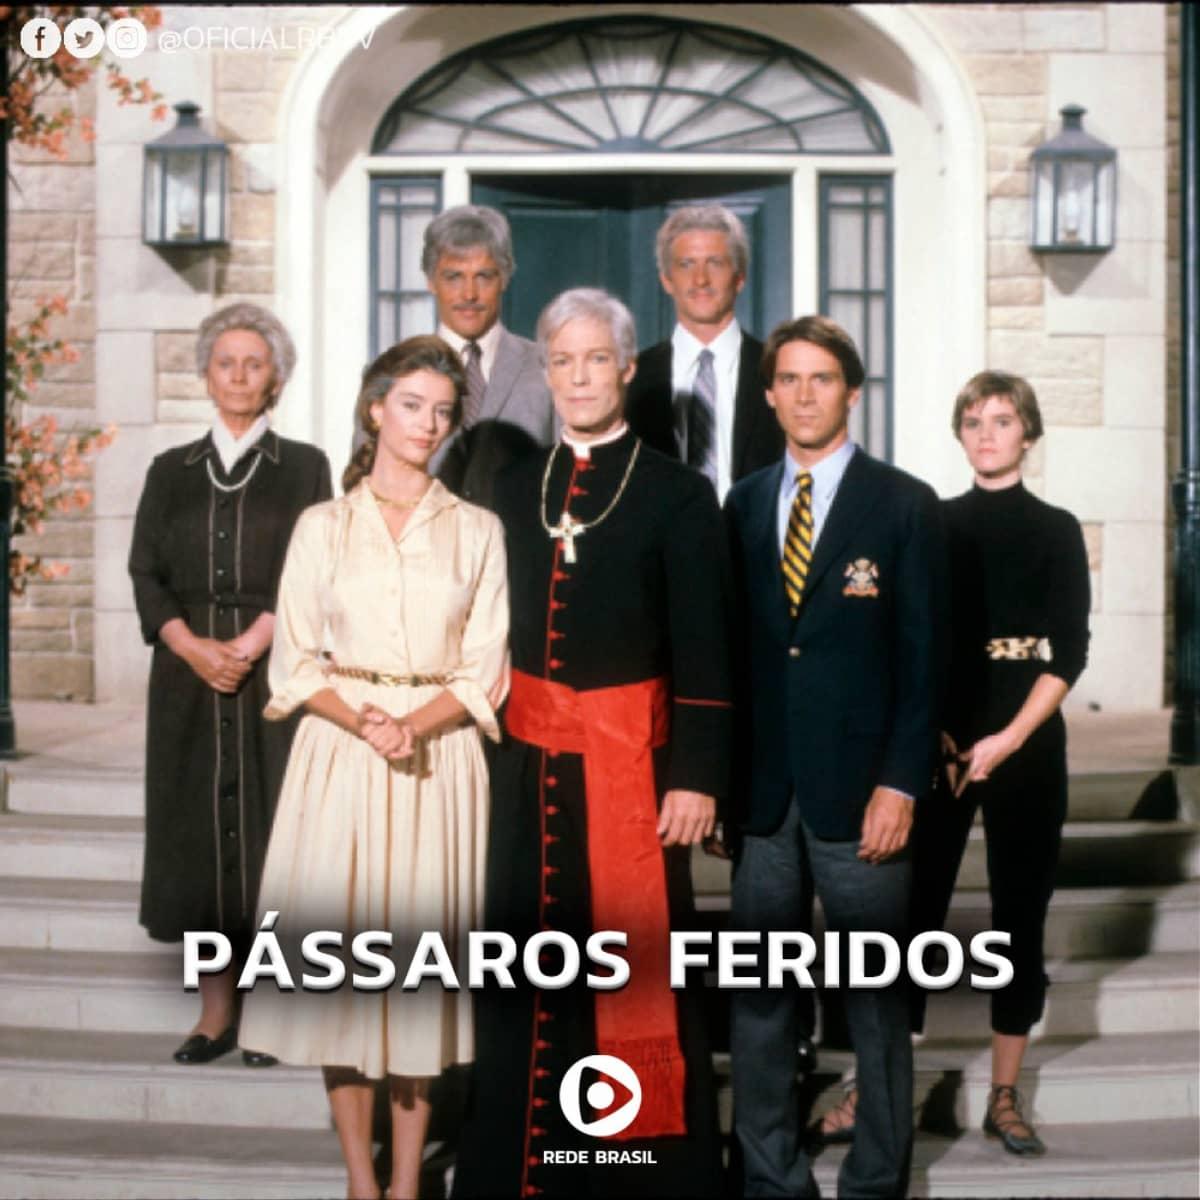 Pássaros Féridos estreia na Rede Brasil de Televisão.